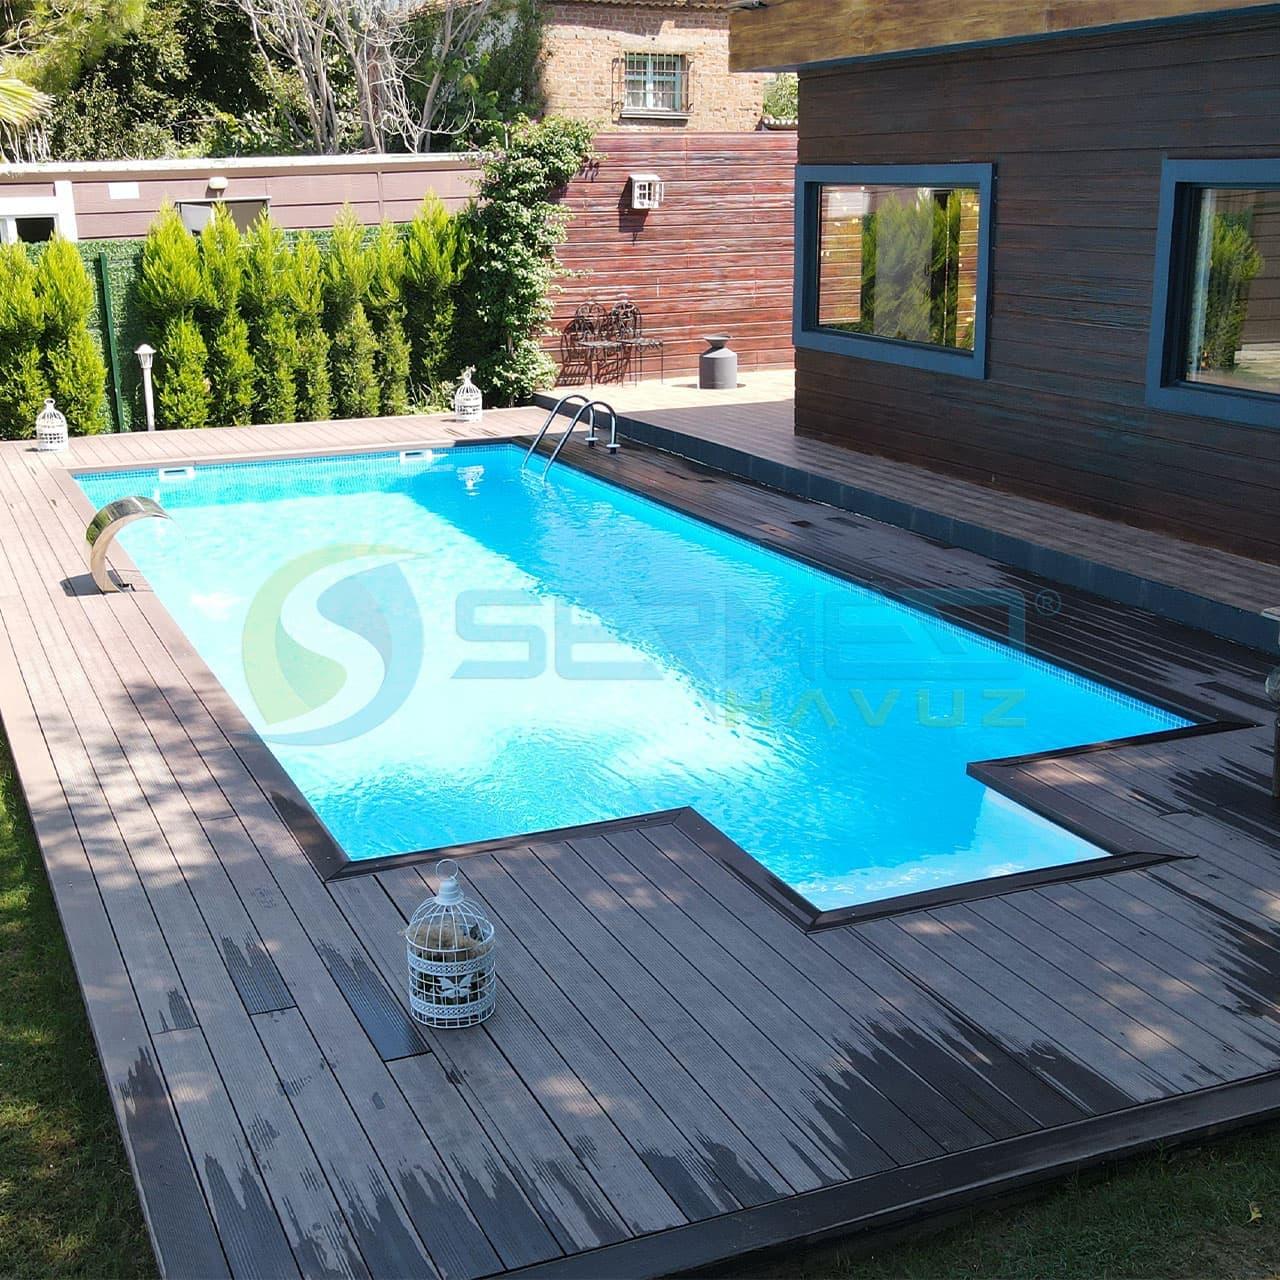 İzmir'de Pamira Garden Fipool Plus Havuz Sermed Havuz tarafından yapıldı.